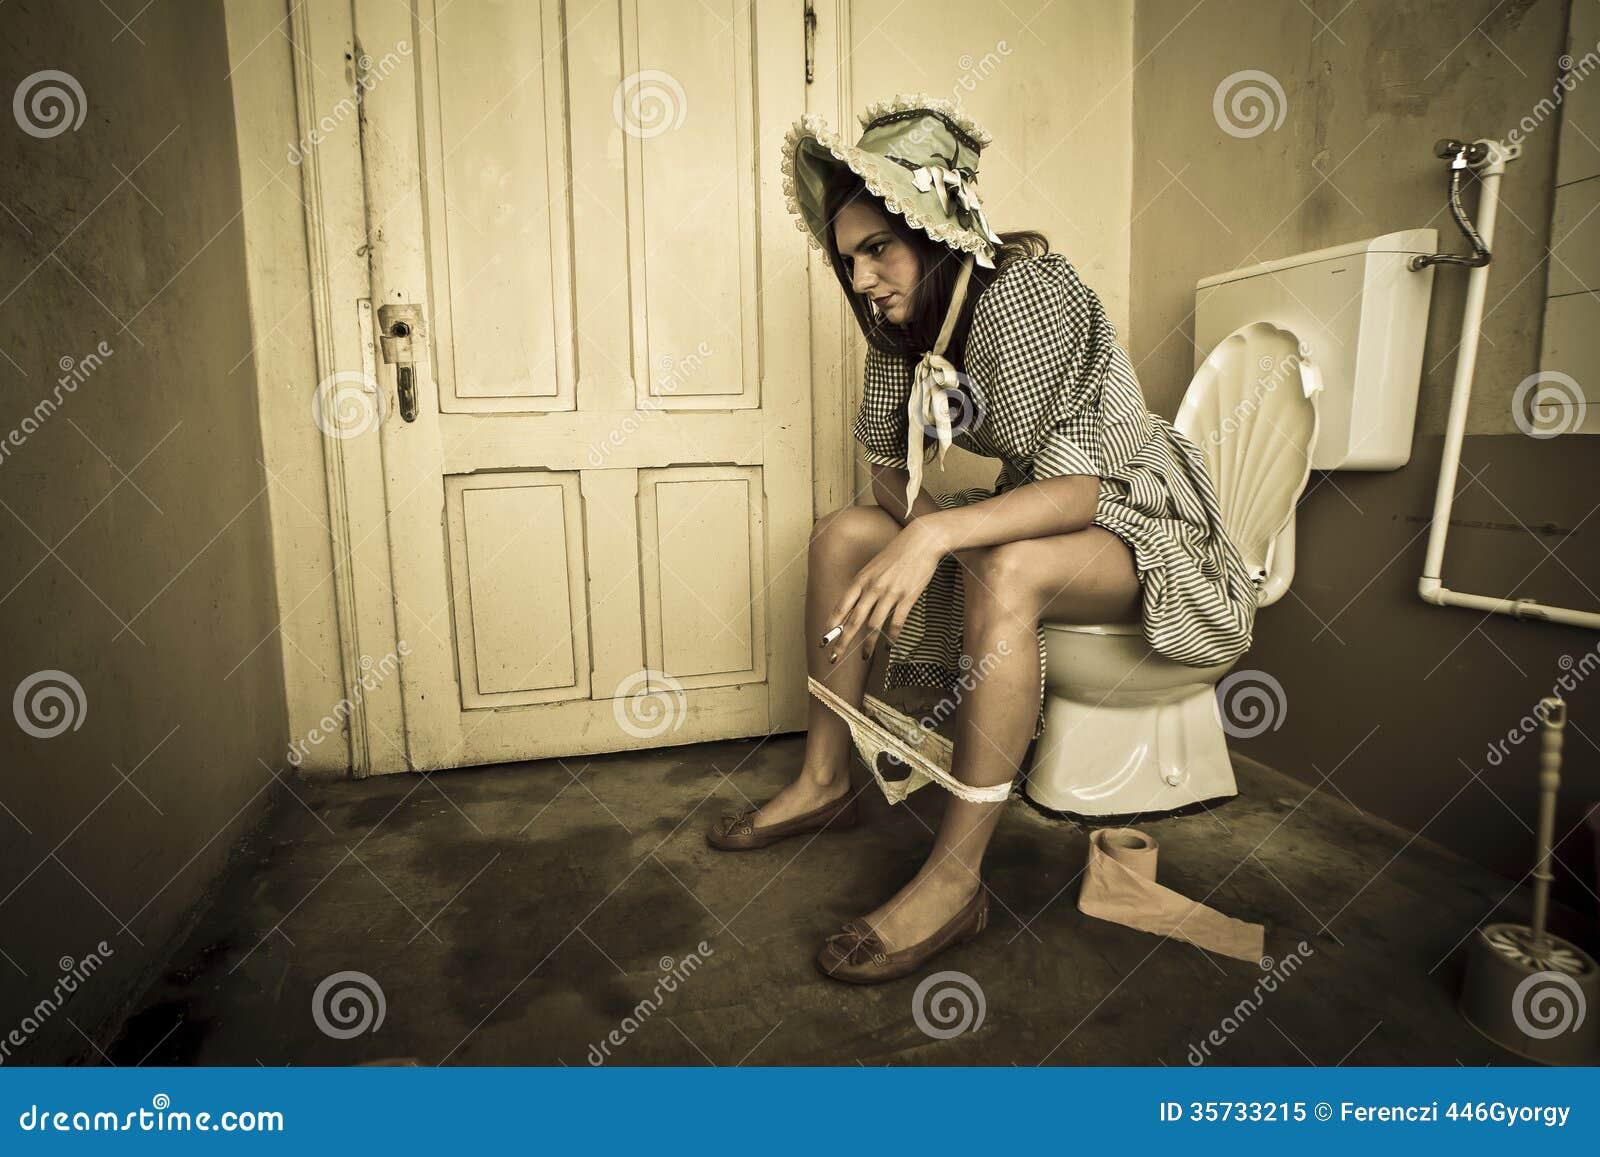 Смотреть туалетное унижение, туалетные унижение 21 фотография